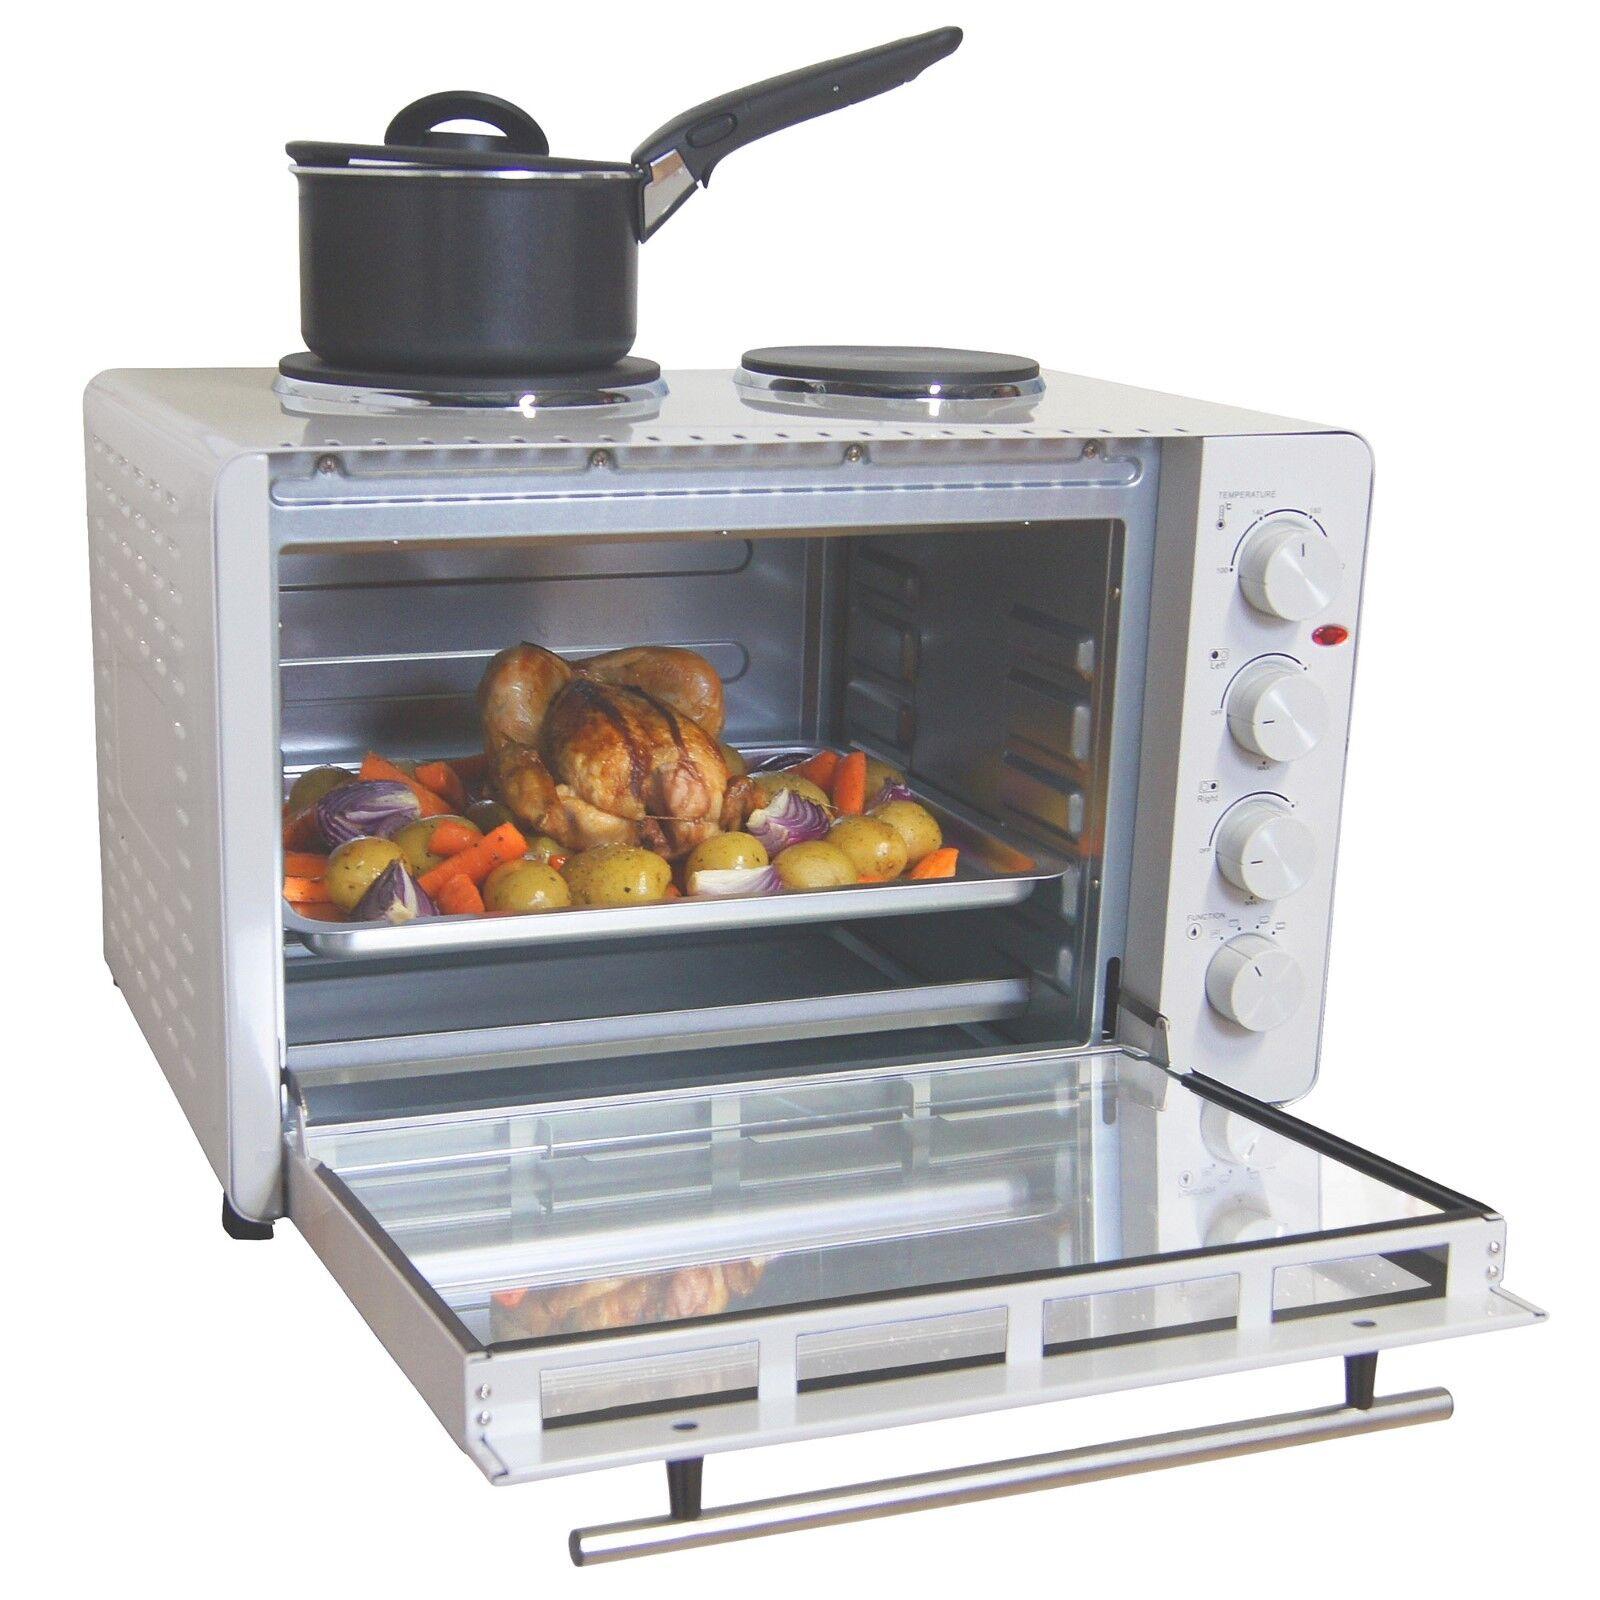 Igenix électrique IG7145 Mini four avec plaques de cuisson, 45 L-Blanc